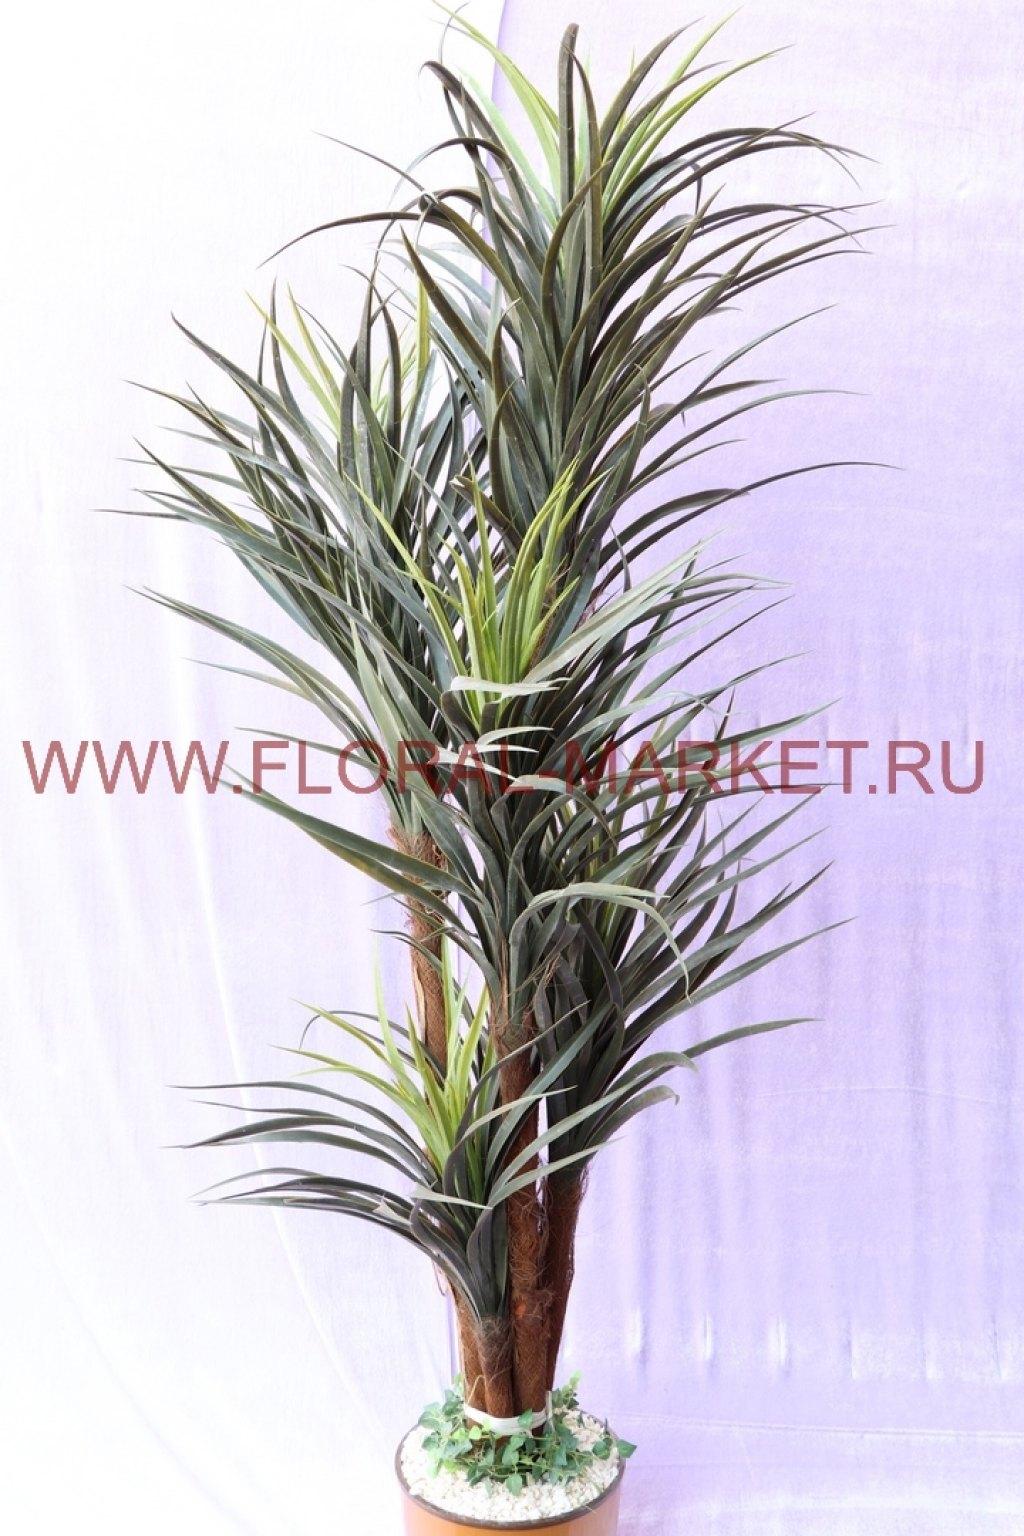 Пальма Юкка 5 голов h=175 см.